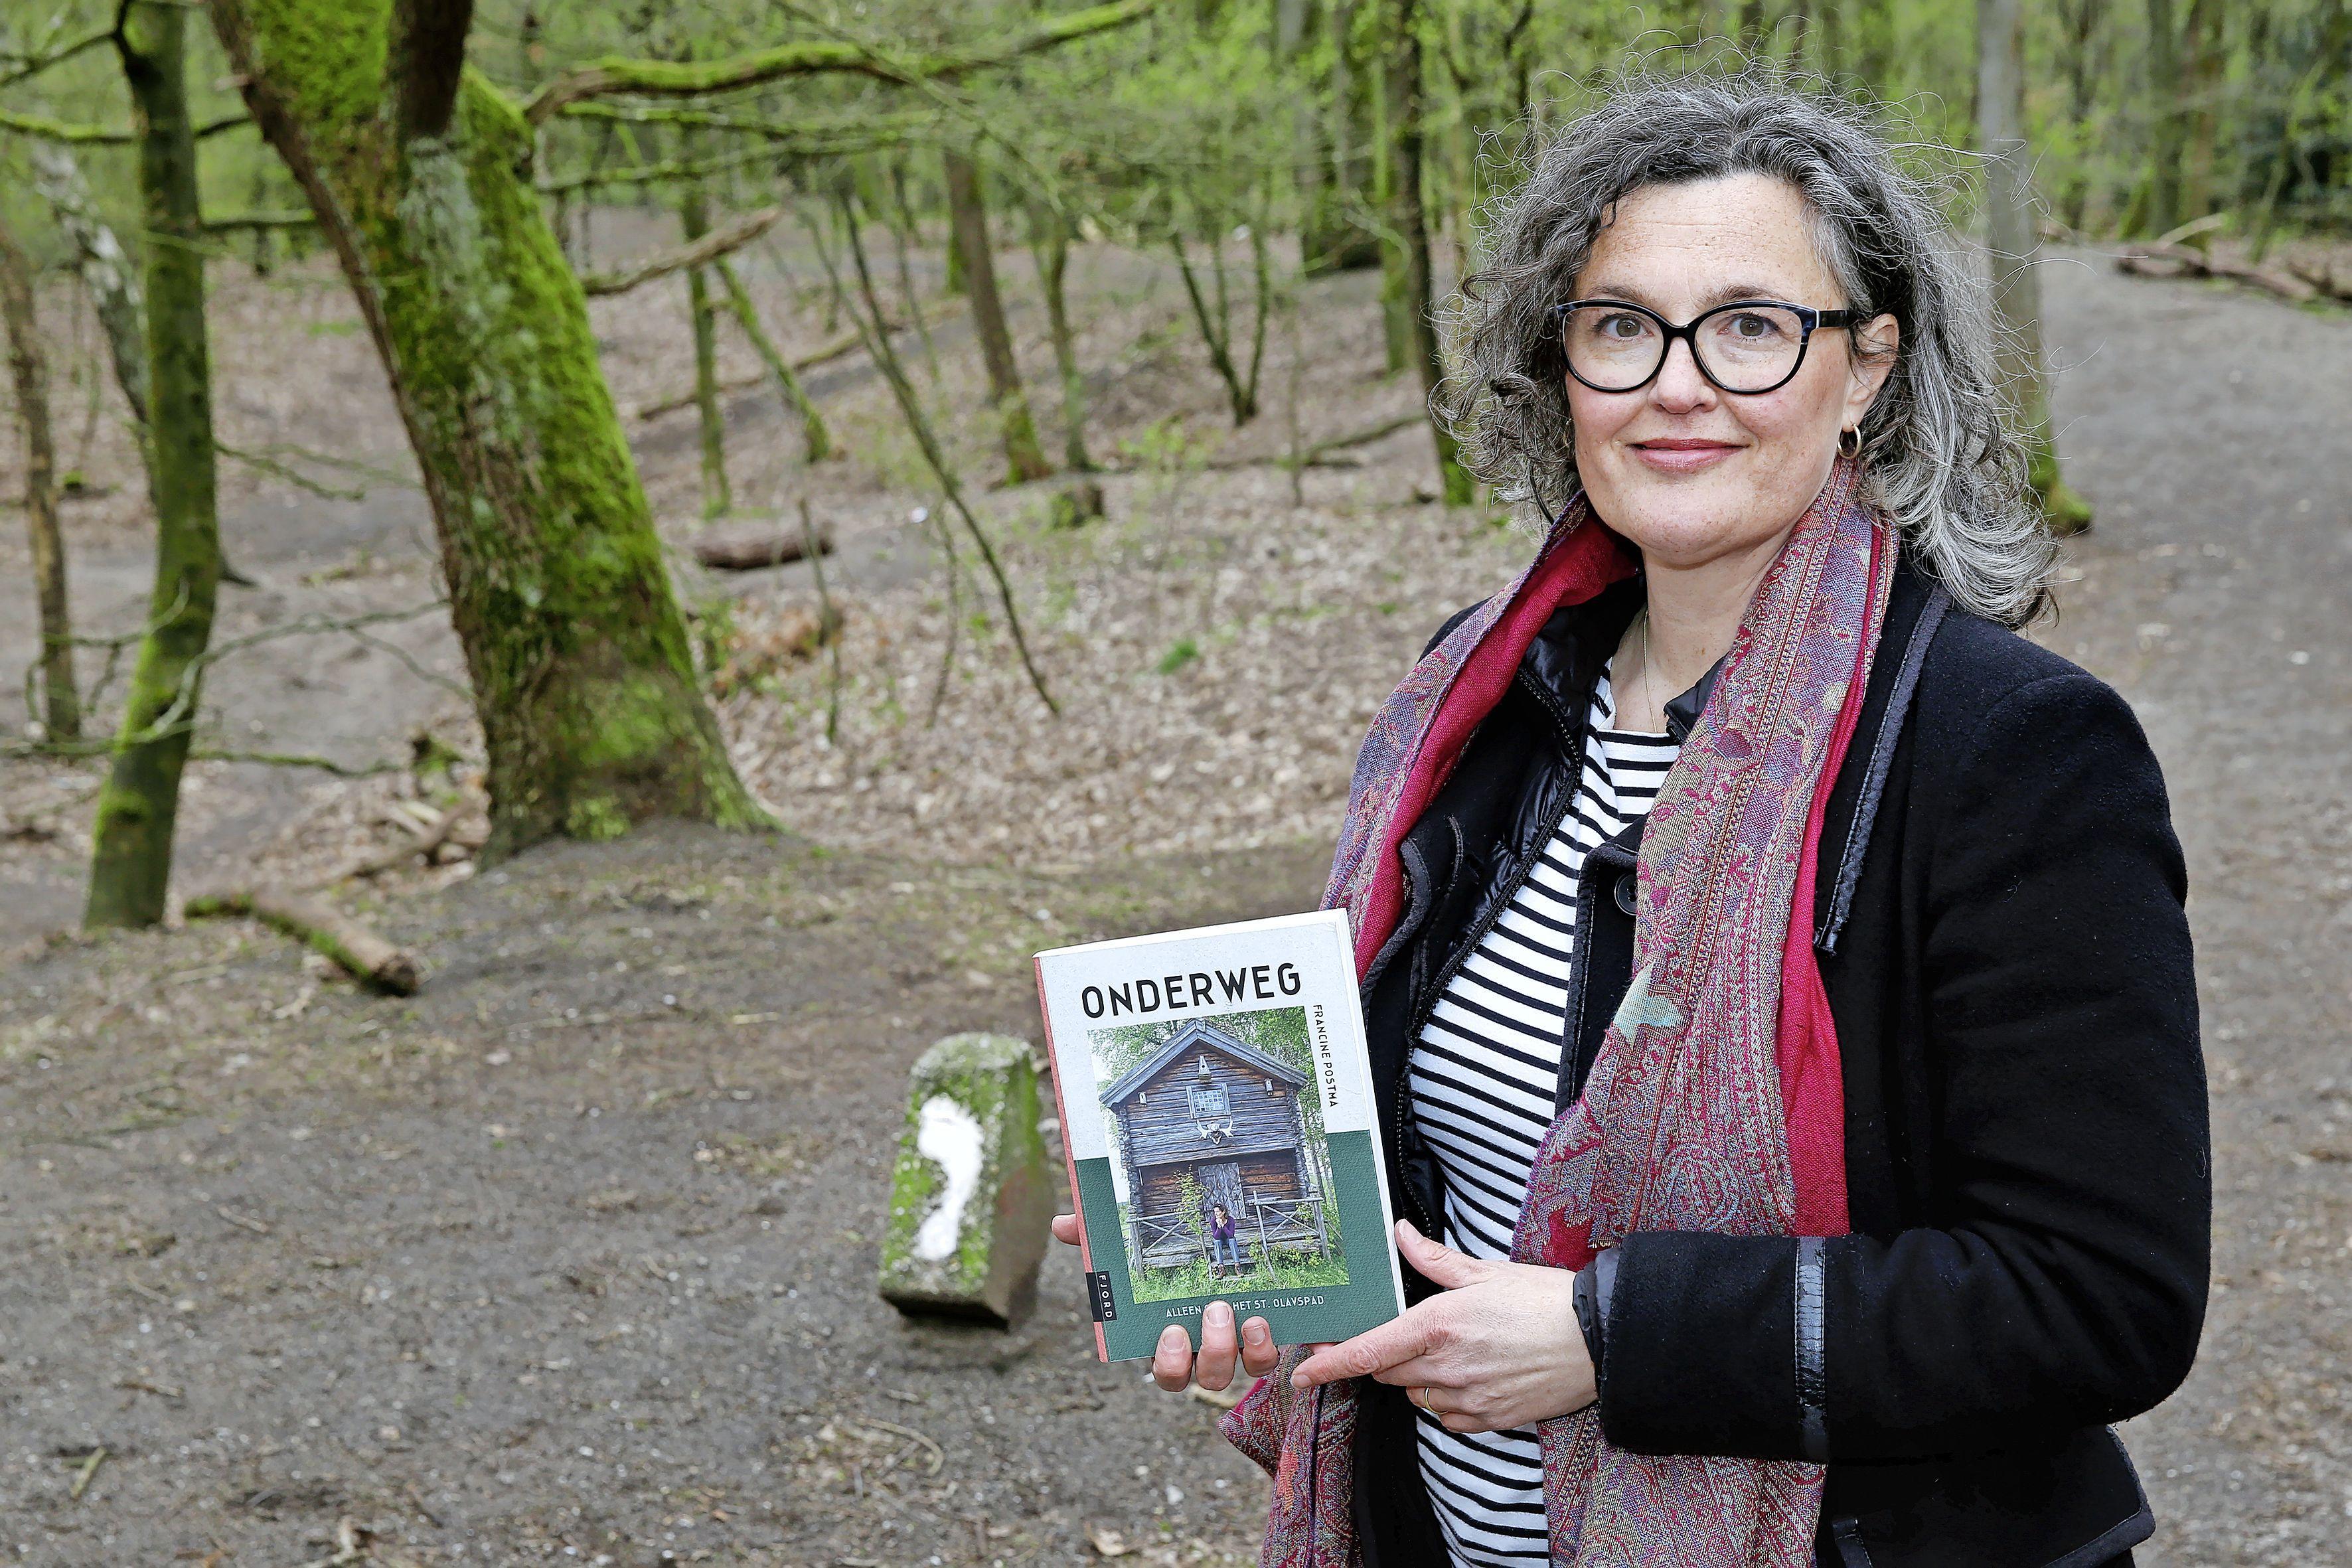 Hilversumse beschreef haar tocht langs de meest Noordelijke pelgrimsroute van de wereld. 'Een lezer gaf het mooiste compliment: Het boek gaat ook over ons allemaal. Over hoe het is om mens te zijn'